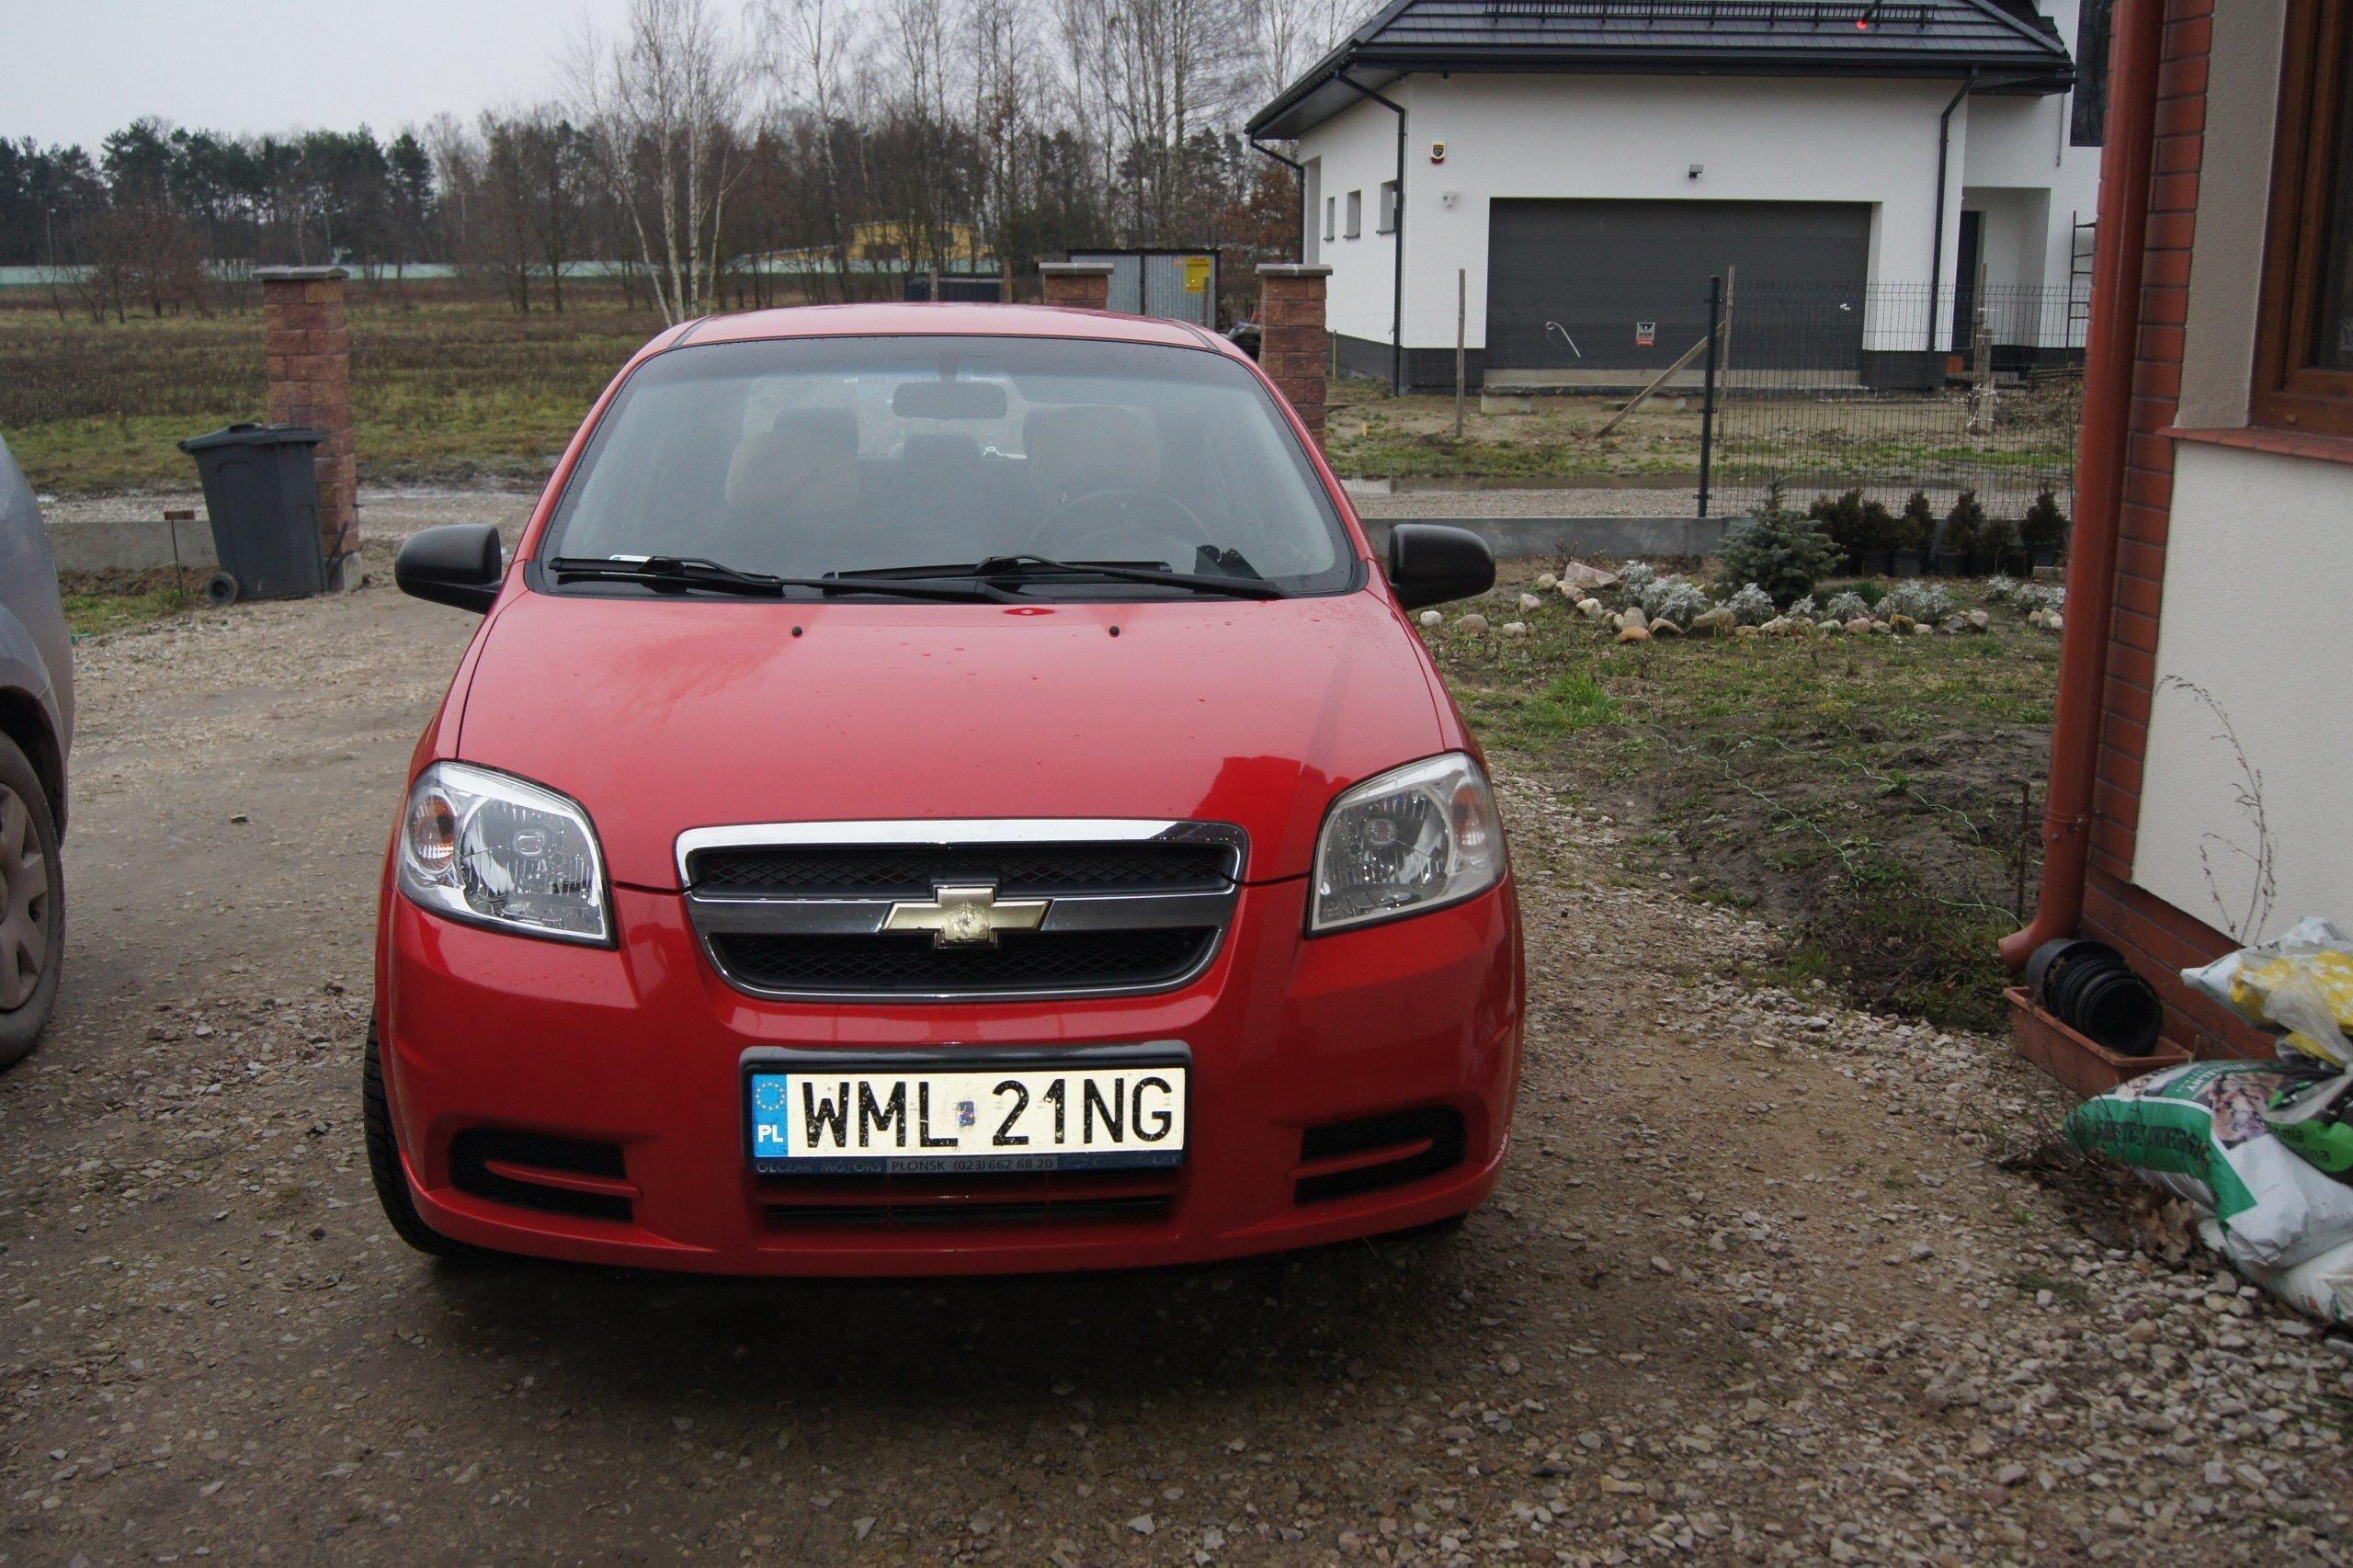 Chevrolet Aveo 2007 Benzyna 53km Sedan Czerwony Opinie I Ceny Na